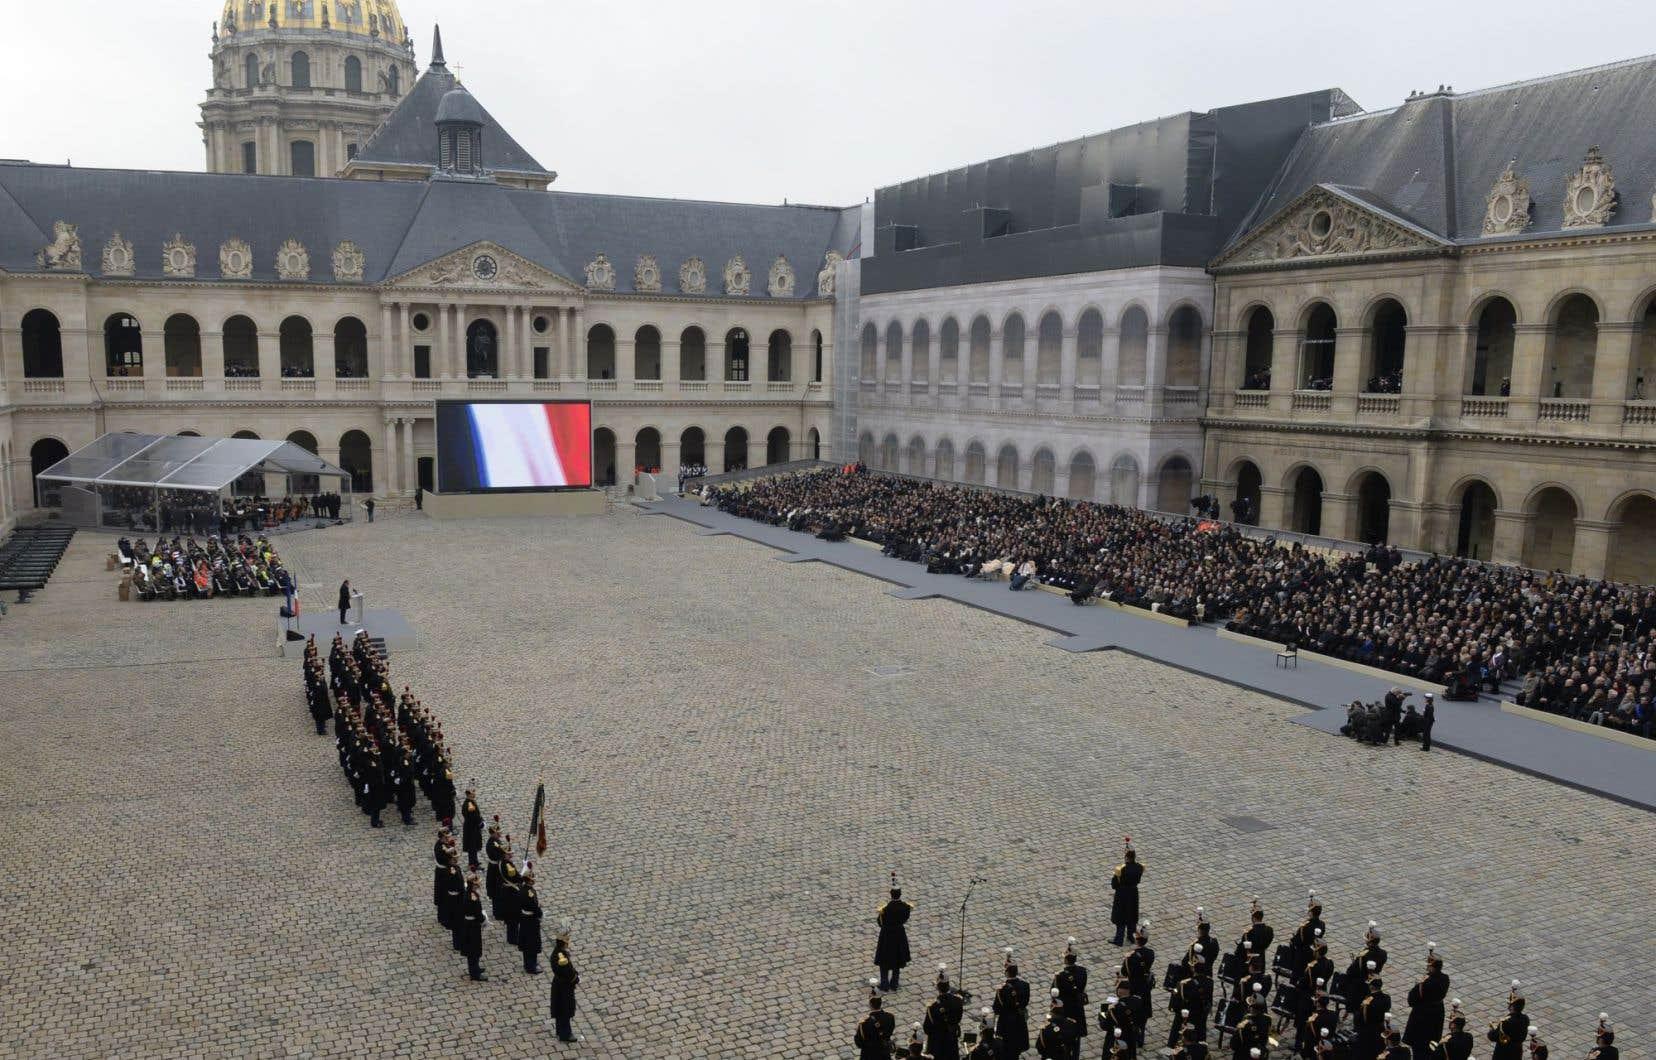 La France a rendu vendredi un hommage national aux victimes des attentats du 13novembre, à Paris, lors d'une cérémonie organisée dans la cour de l'Hôtel des Invalides.